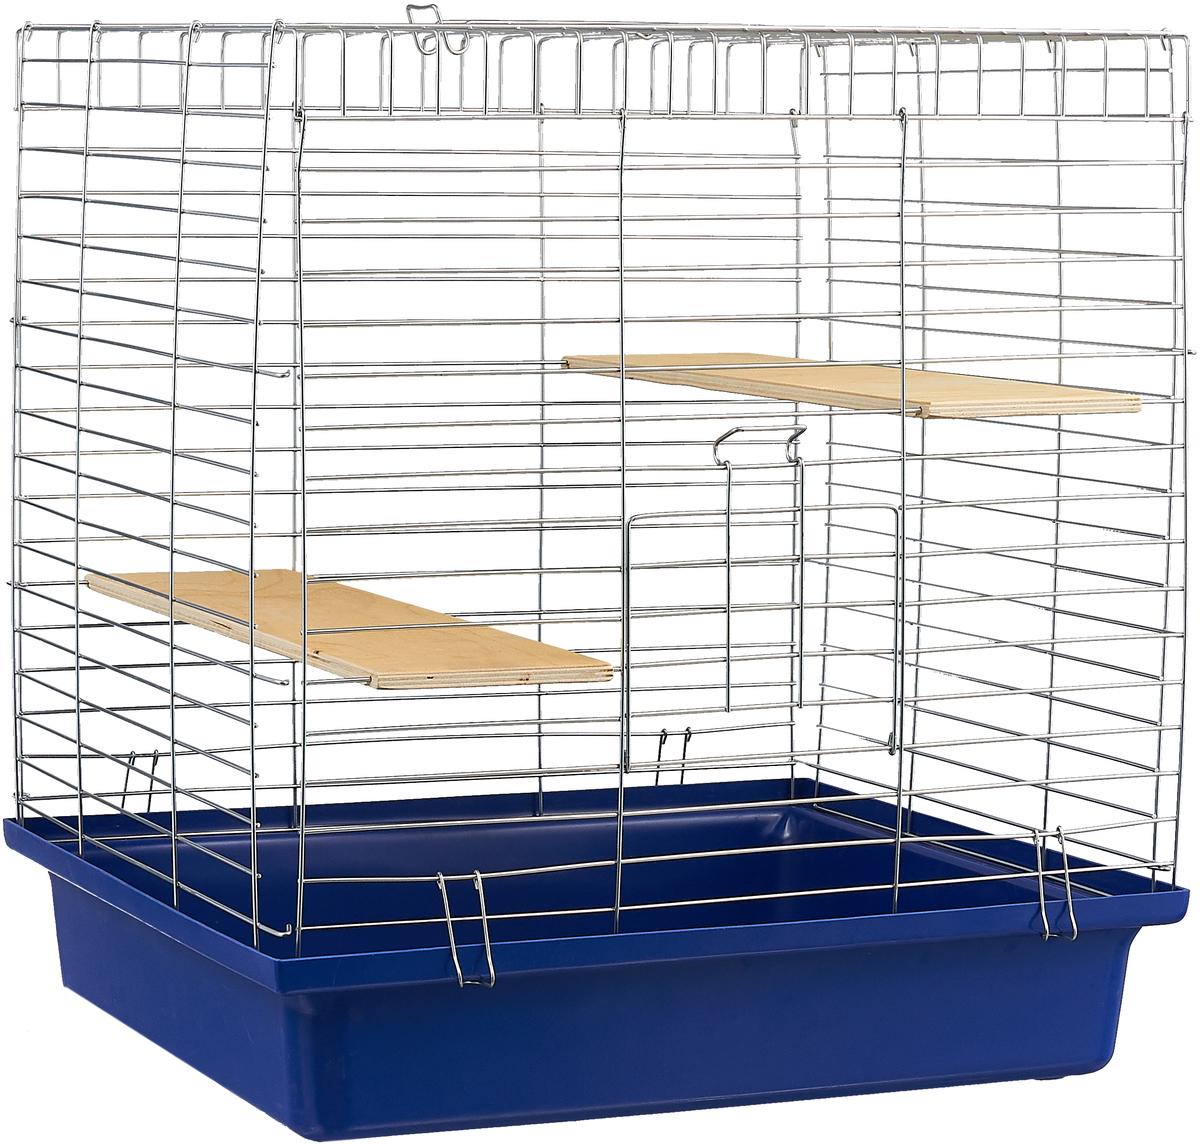 Клетка для шиншилл Велес Lusy Jerry, разборная, цвет: синий, 56 х 50 х 60 см клетка для грызунов велес lusy hamster 2 2 этажная цвет синий бирюзовый 35 х 26 х 26 см